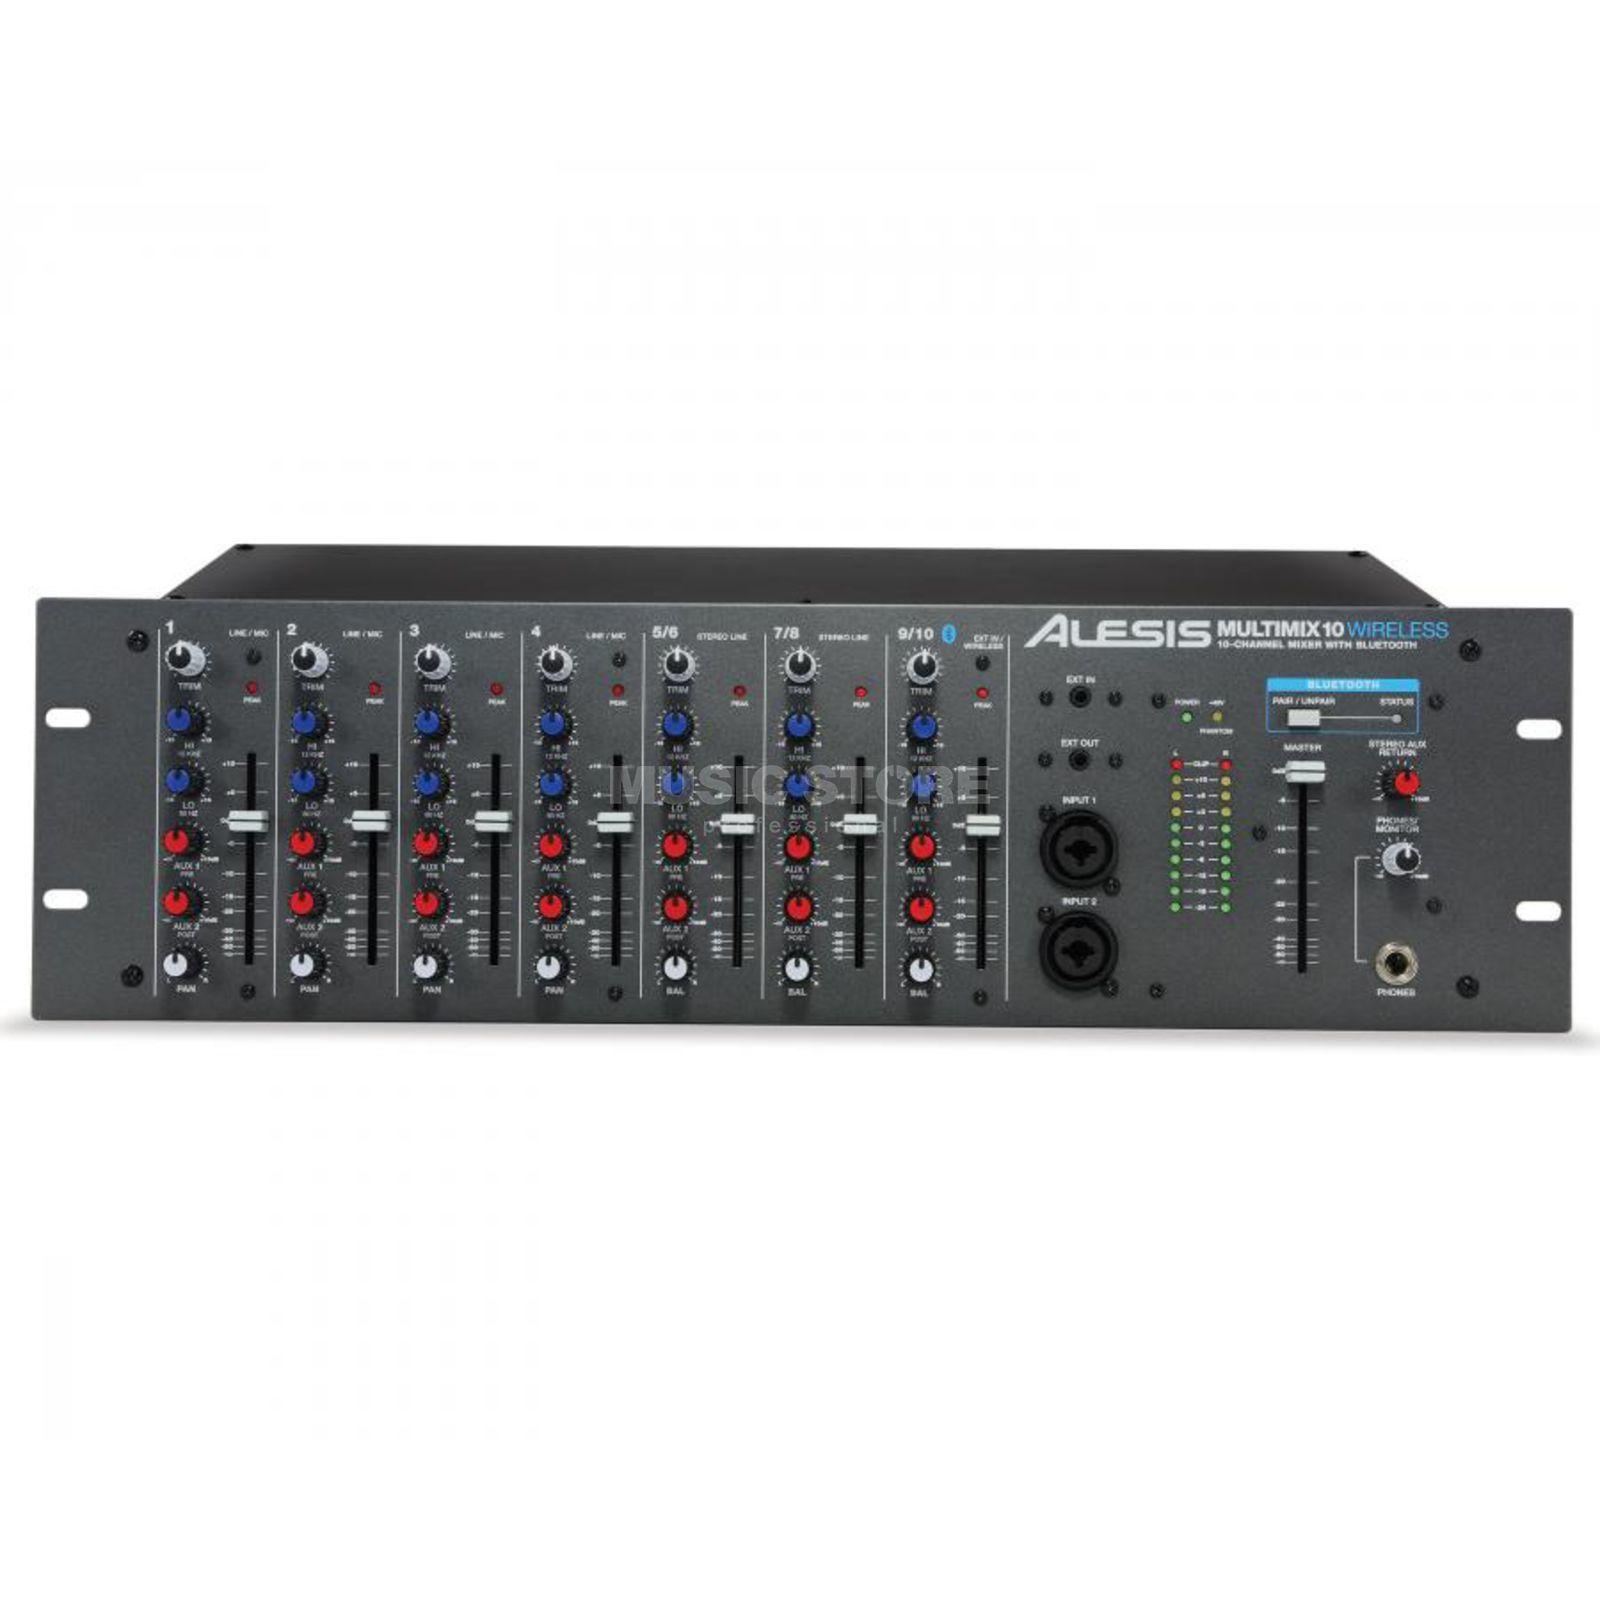 vocalist mount pro square audio products en original effects mixer live rear digitech guitar tiny rack